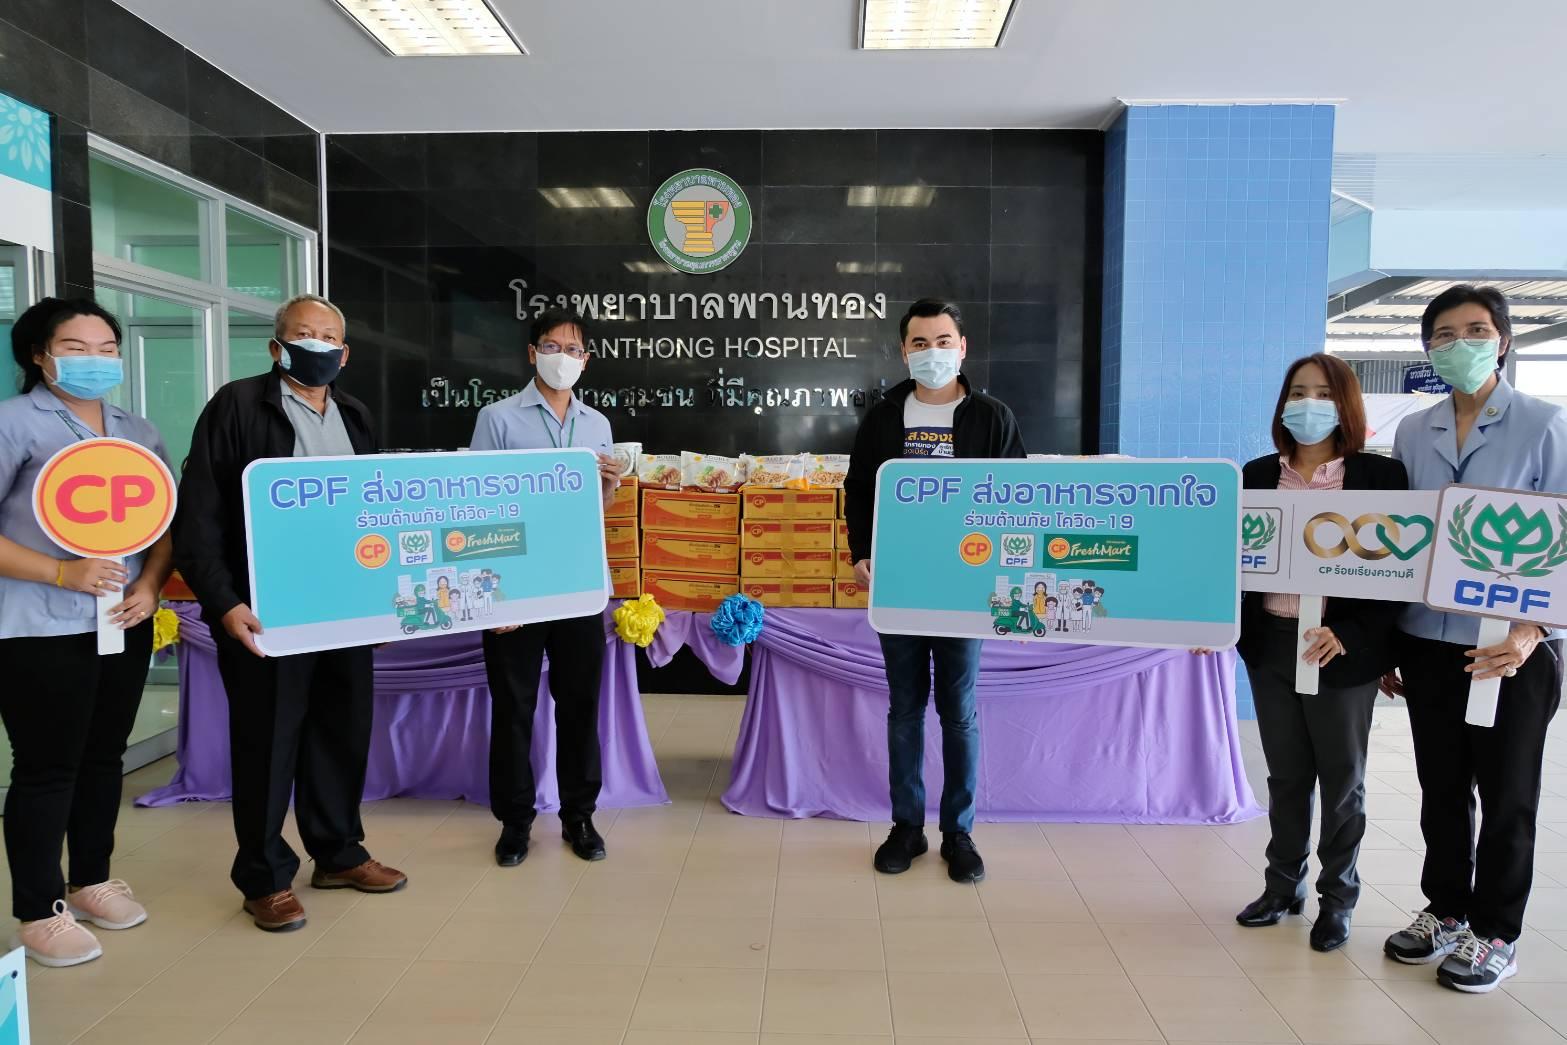 ซีพีเอฟ : ส่งอาหารจากใจ ให้ทีมหมอแพทย์-พยาบาล ชลบุรี สู้โควิด